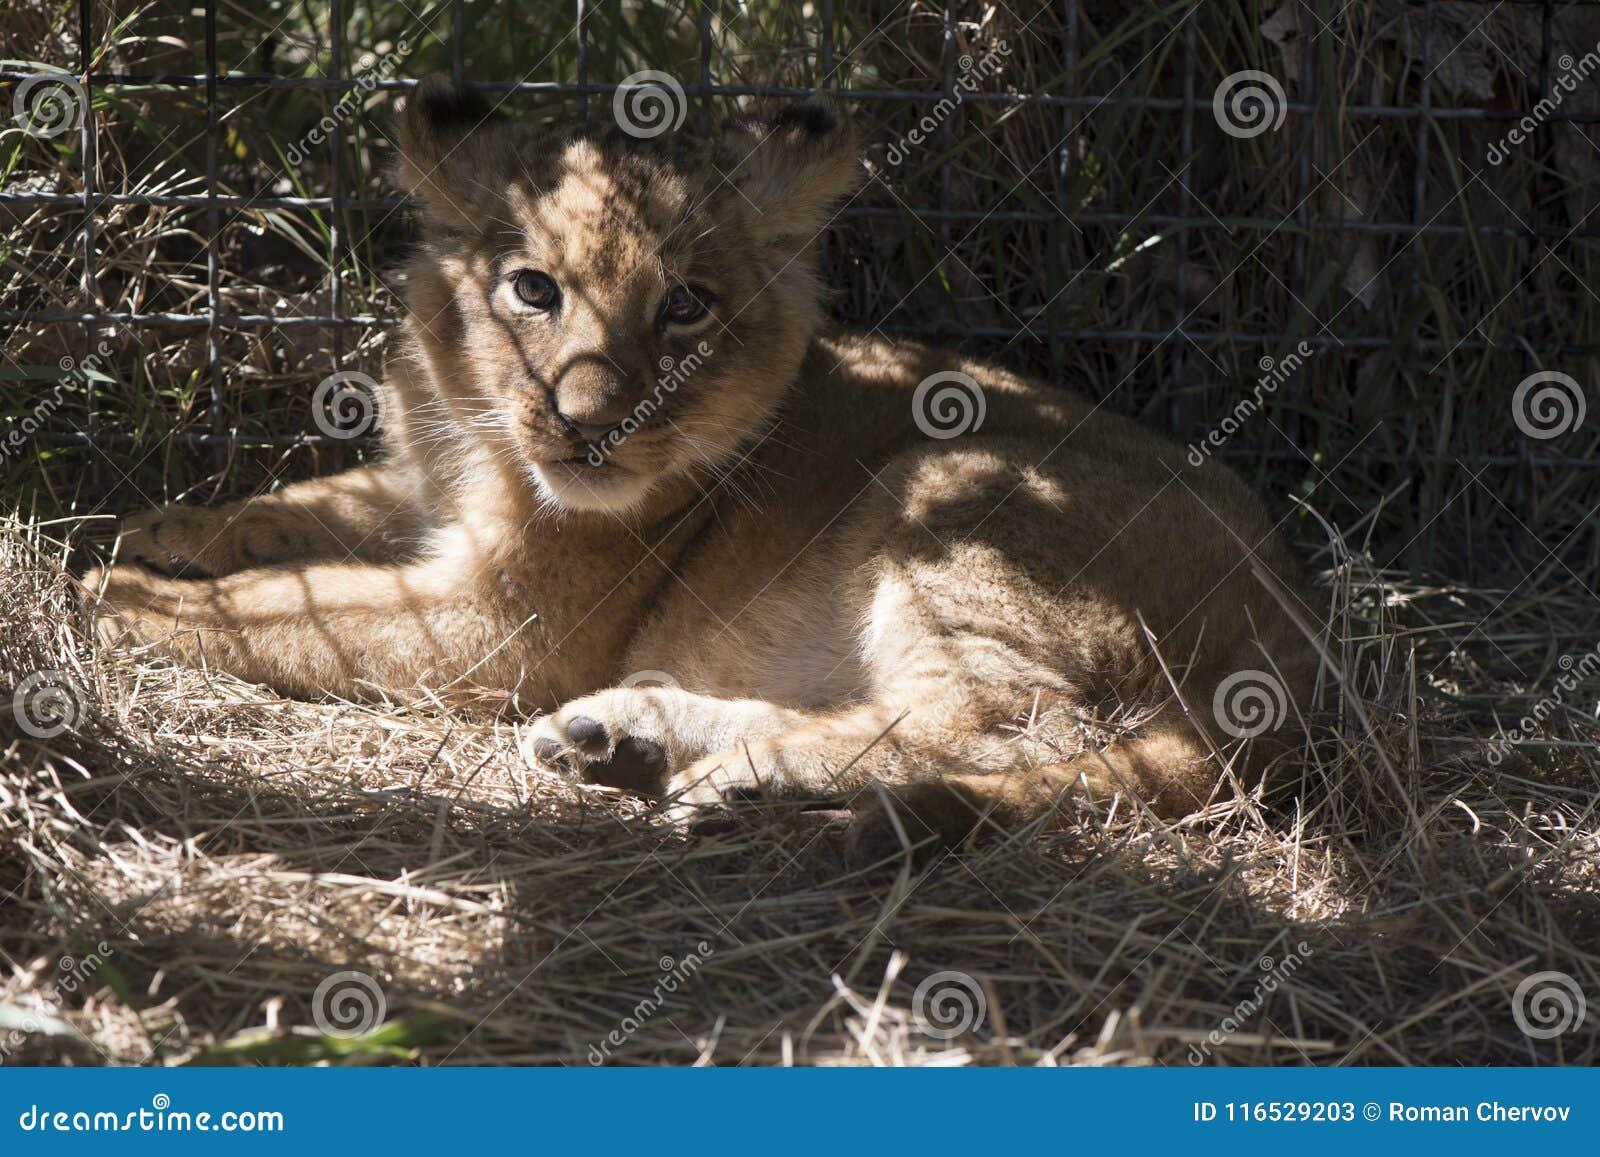 The little lion lies on a grass